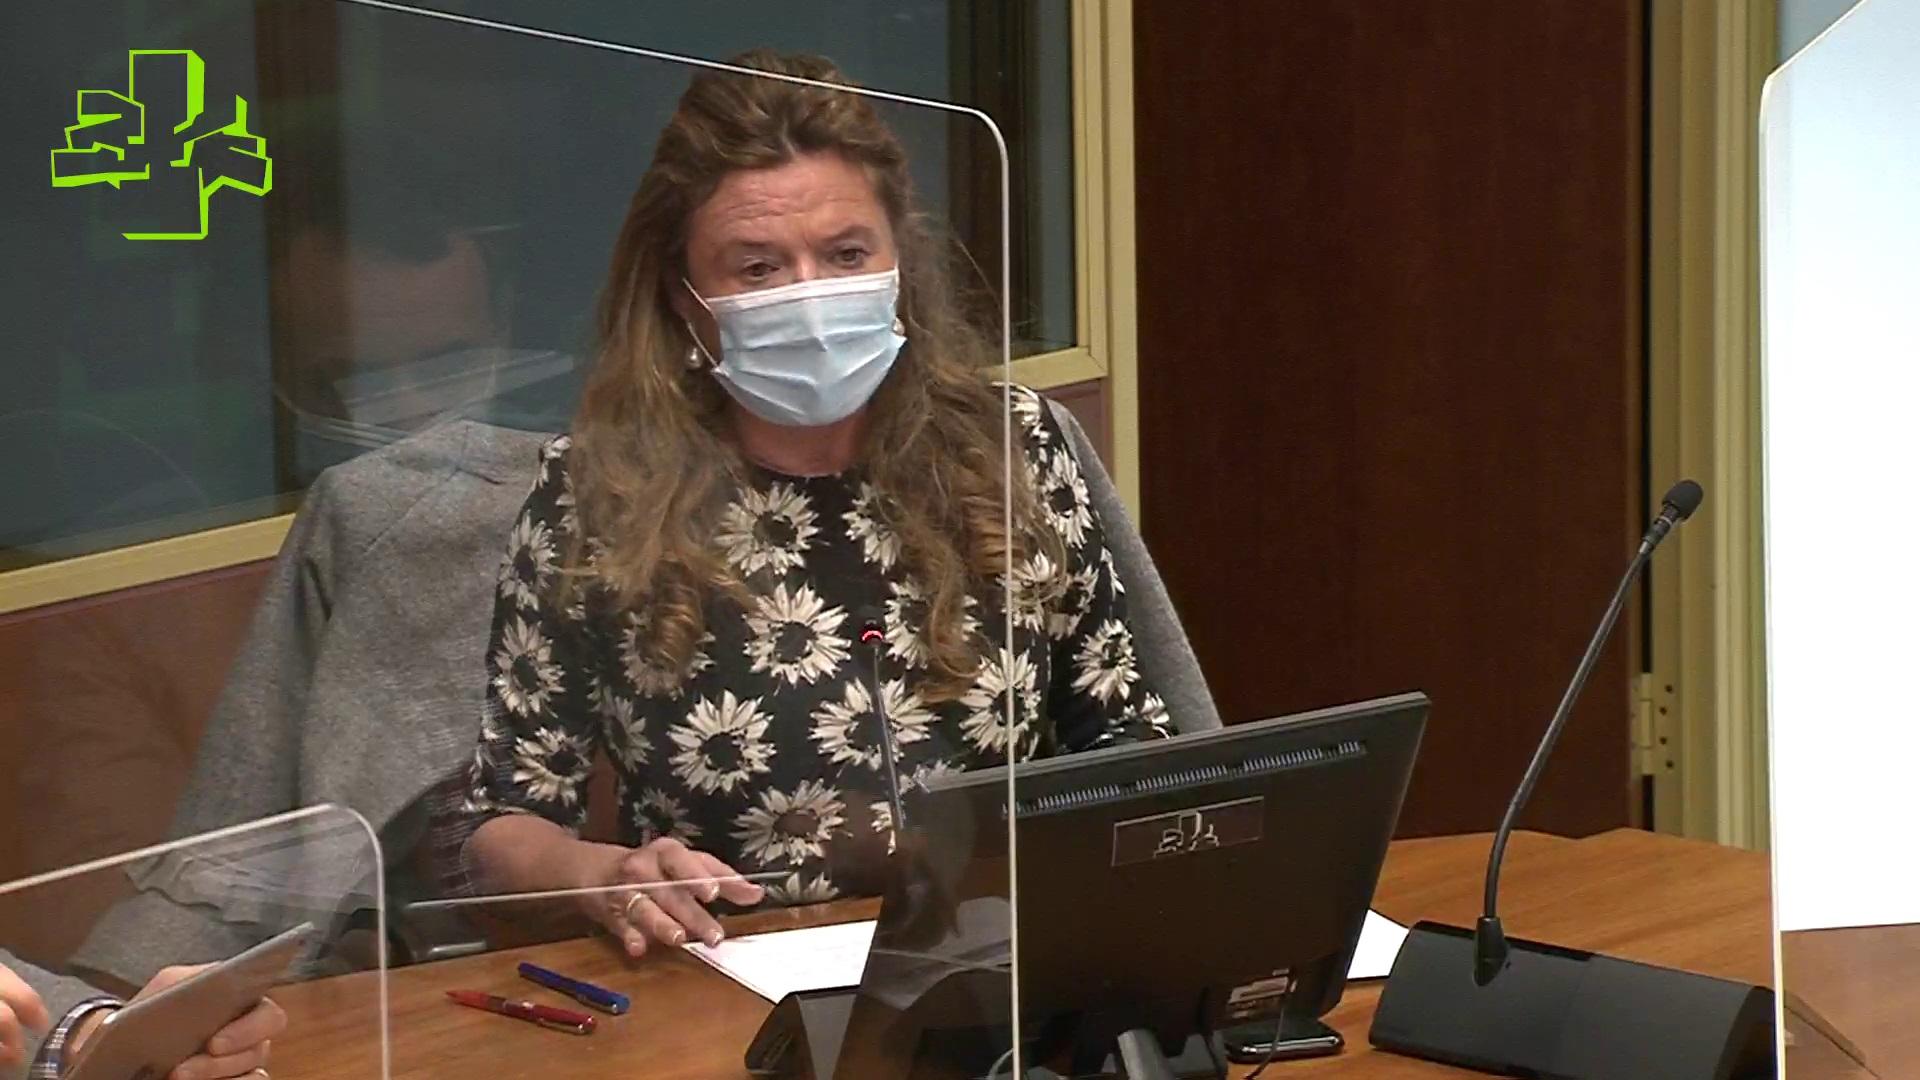 Osasun Batzordea: Sailburuak pandemiaren bilakaeraren berri eman du (2021/01/20) [56:48]